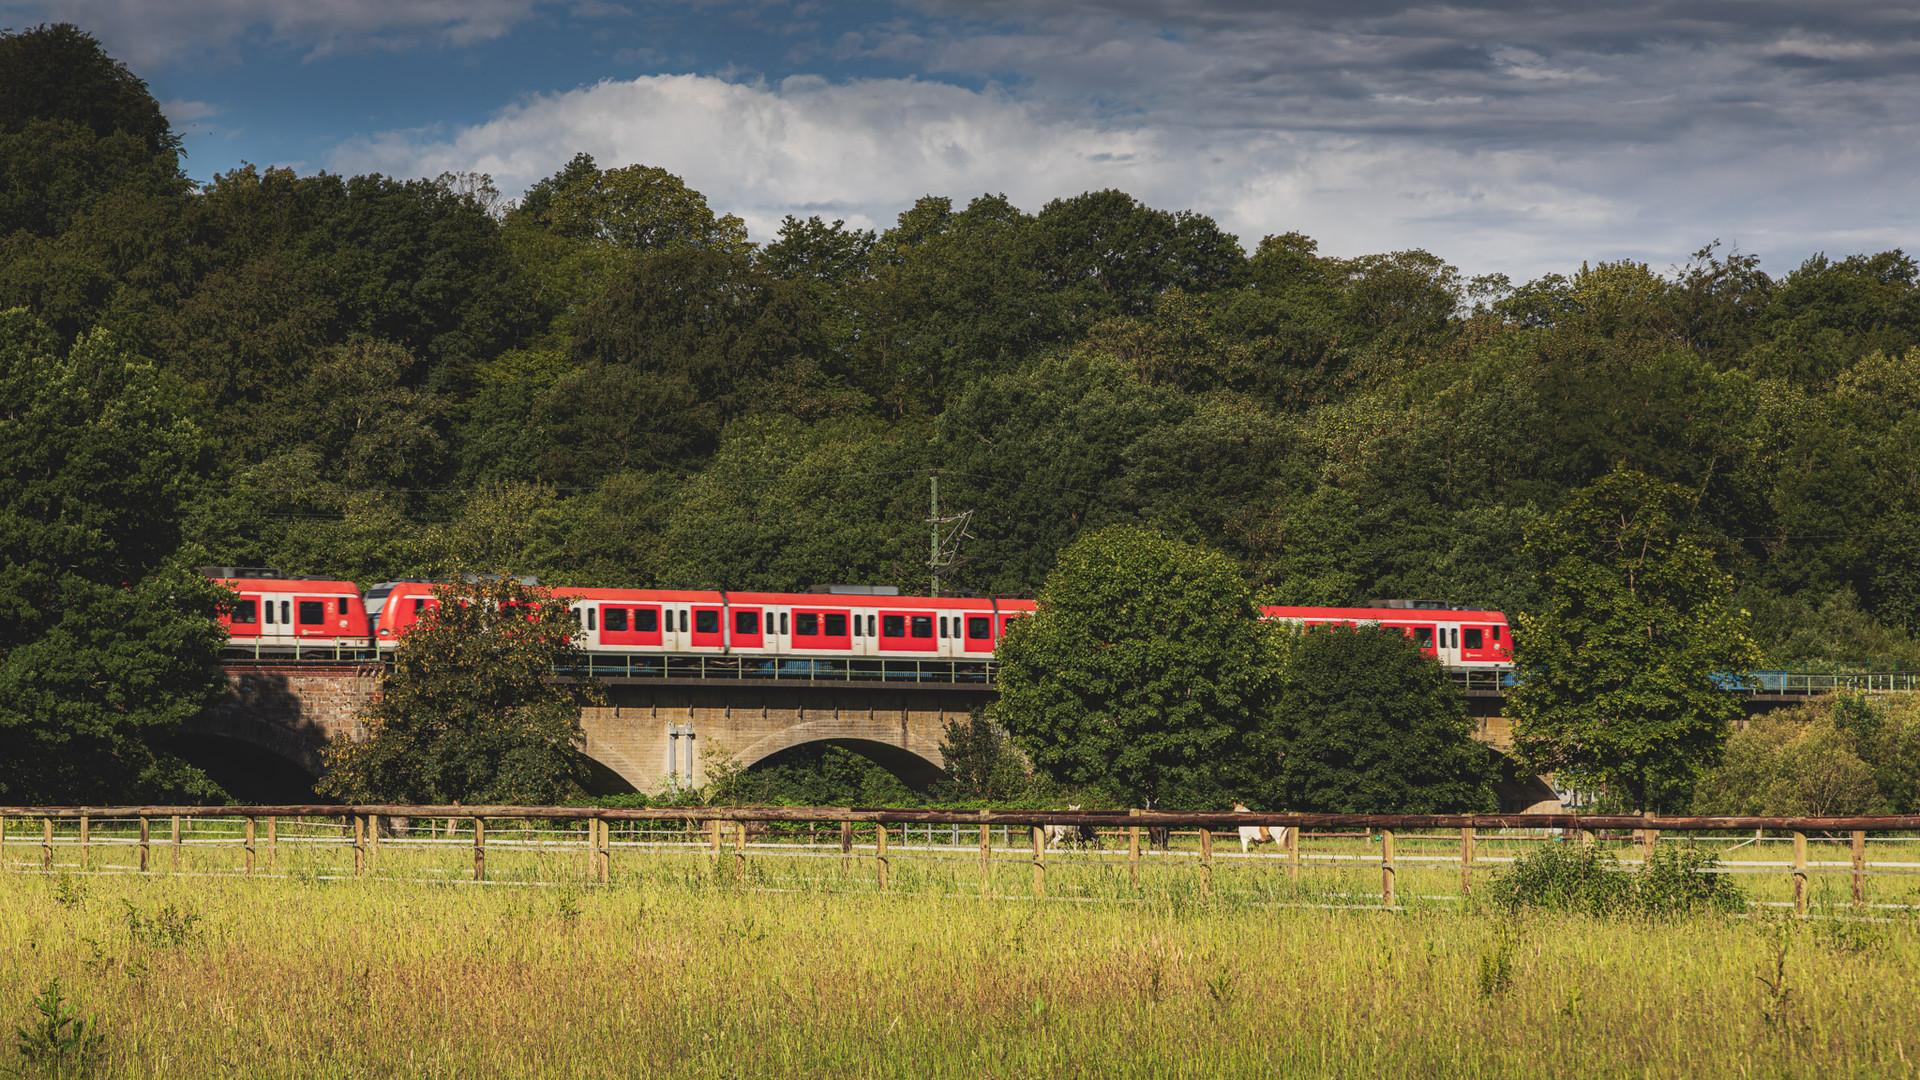 Railway line | Sieg Valley